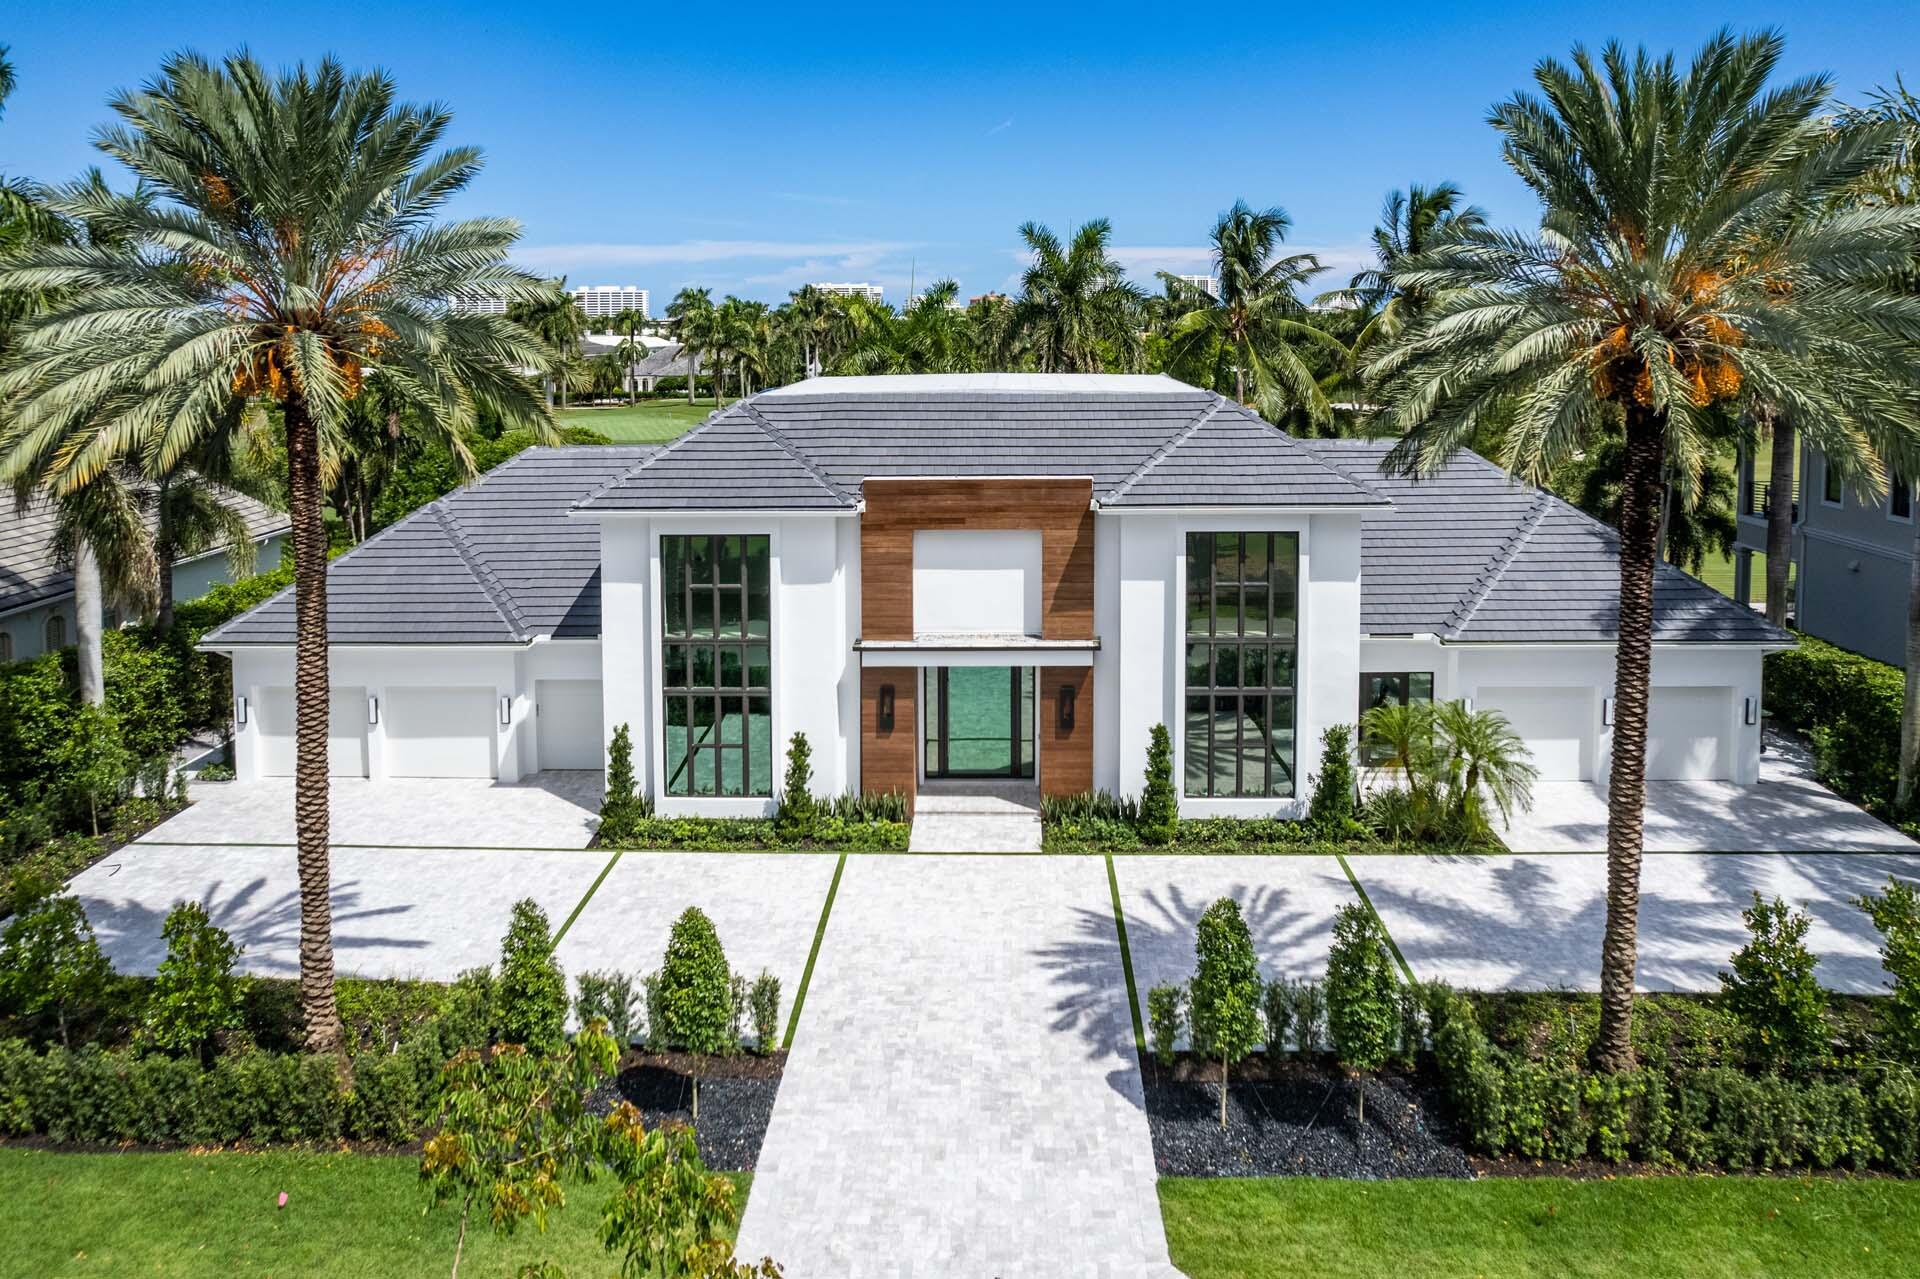 Photo of 1720 Thatch Palm Drive, Boca Raton, FL 33432